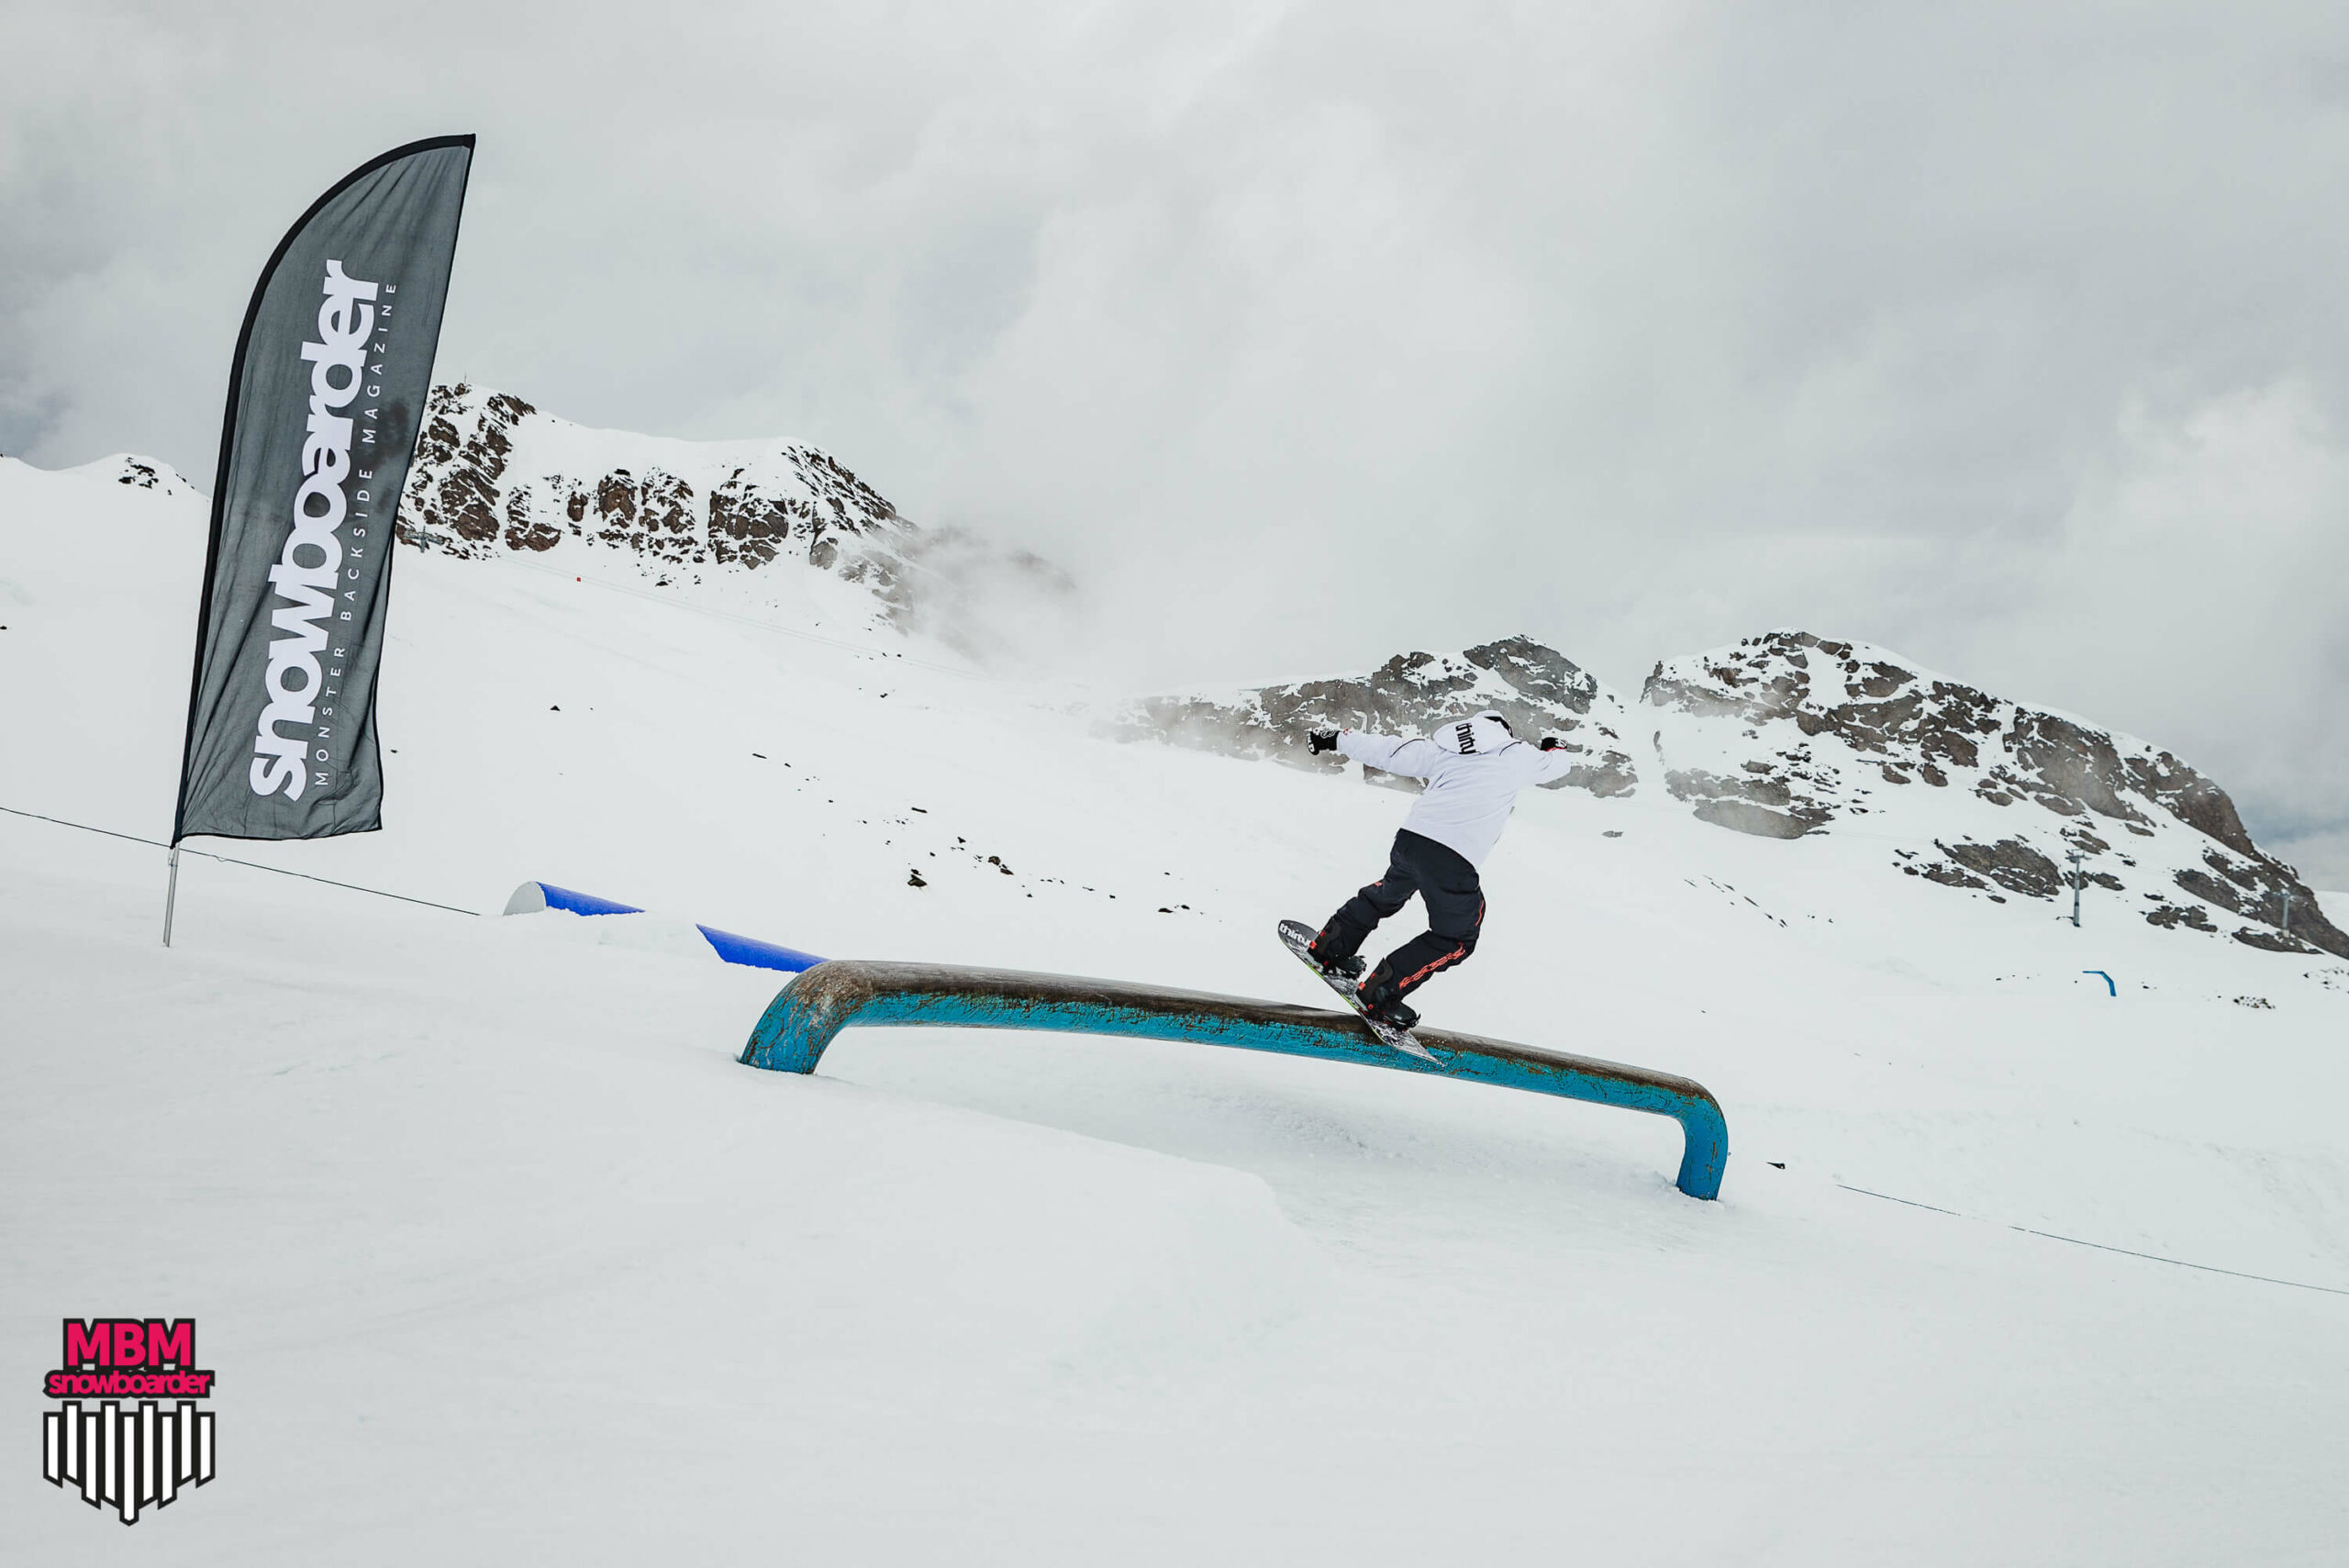 snowboarderMBM_sd_kaunertal_015